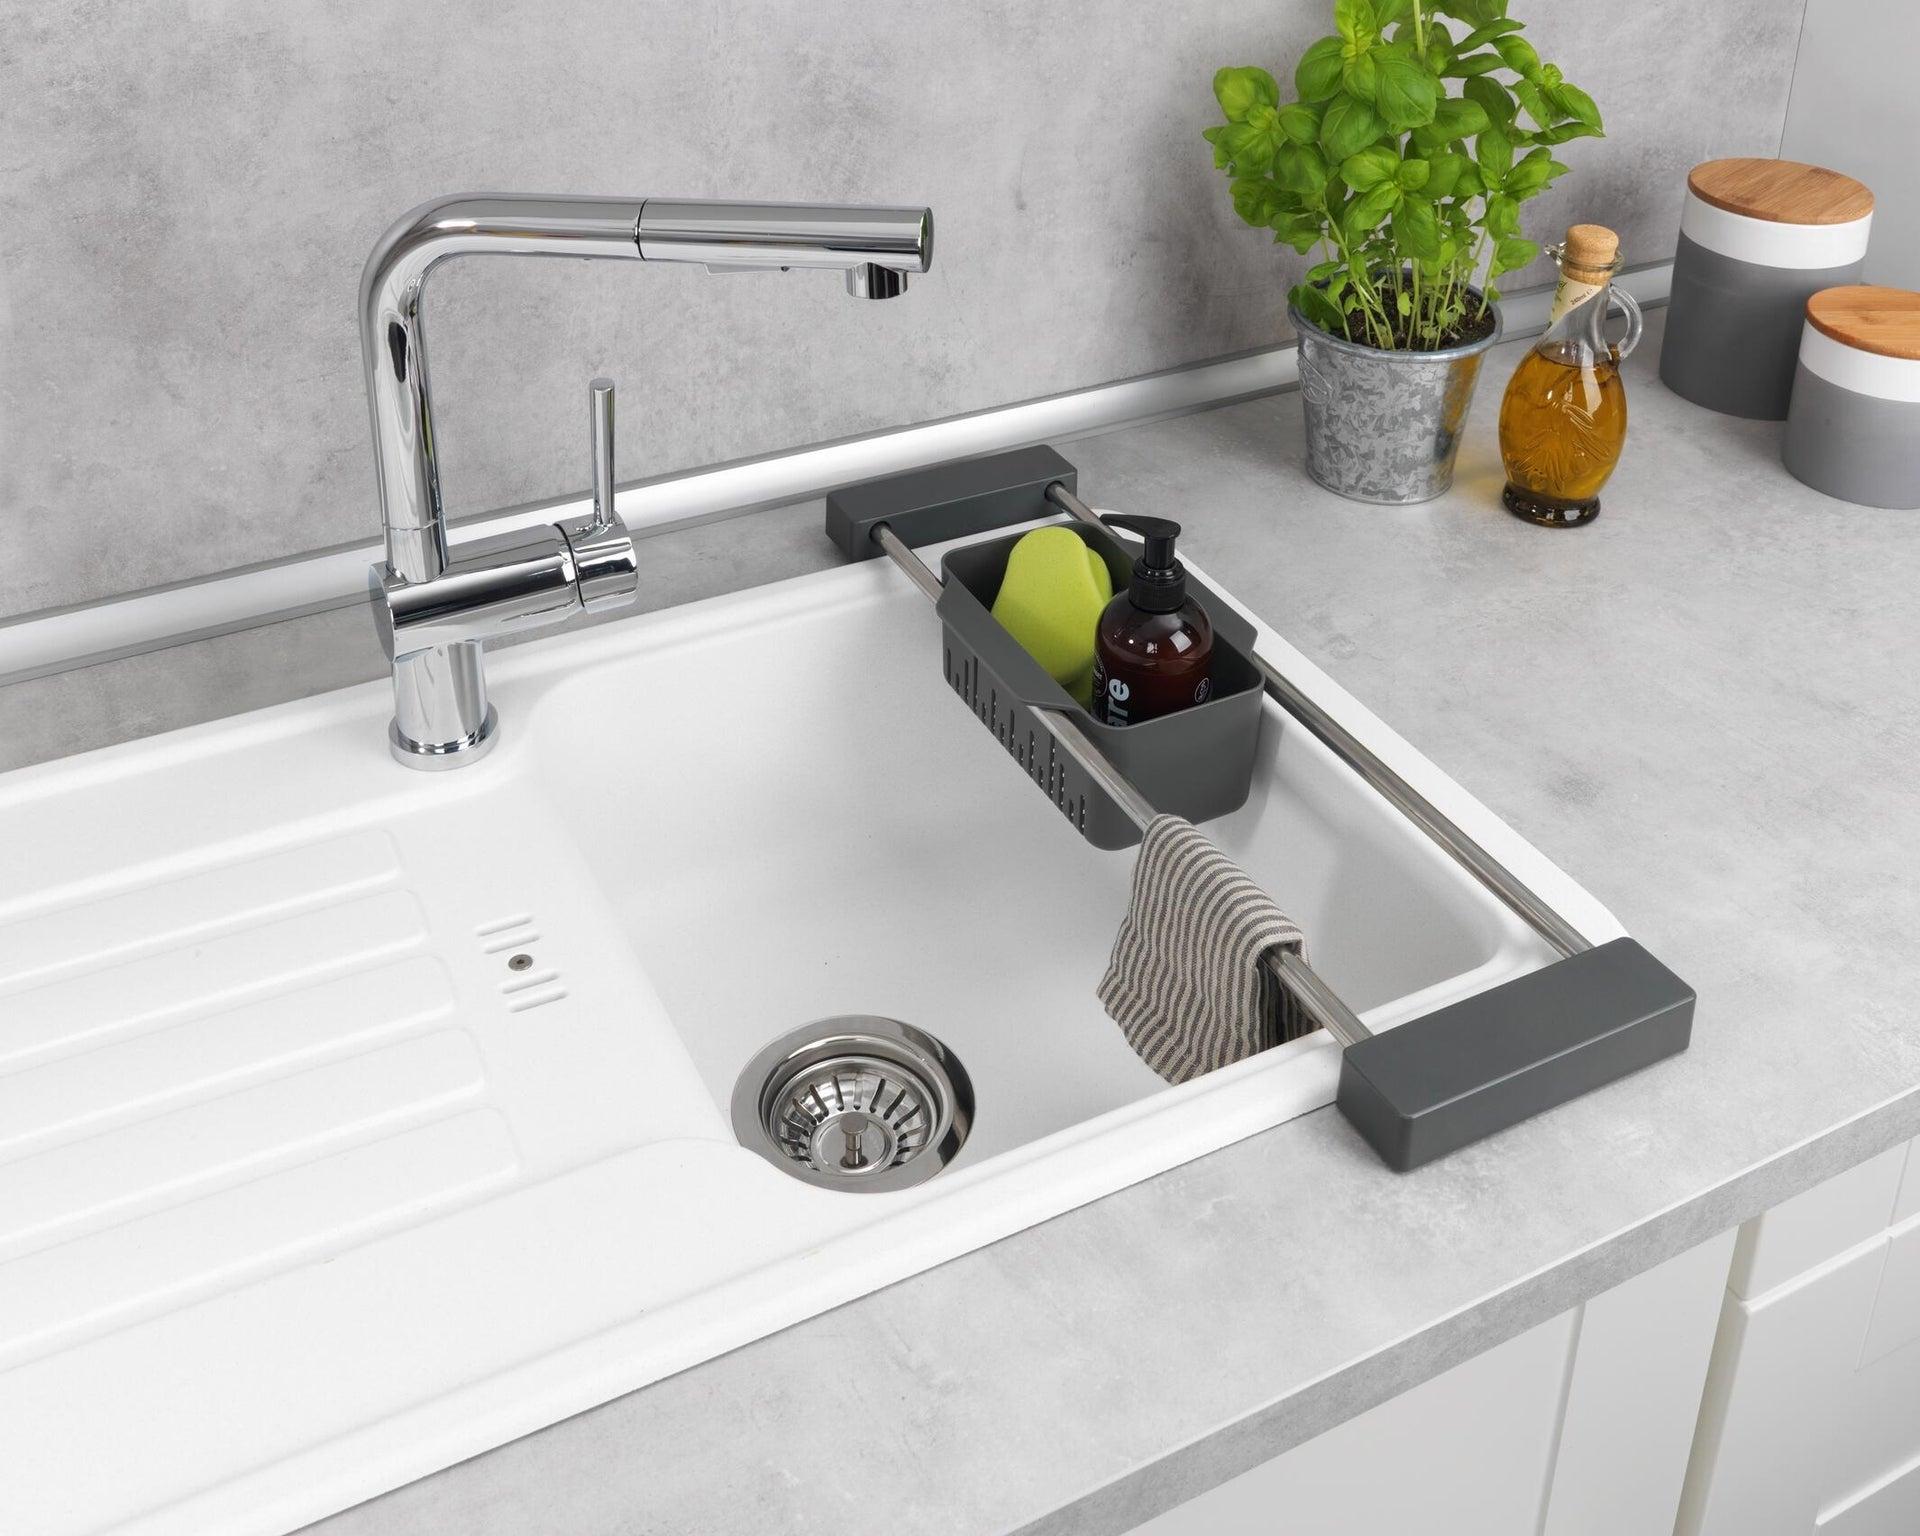 Vaschetta portaoggetti per lavello Cami per lavello grigio L 77.5 x P 14 x H 8 cm - 5